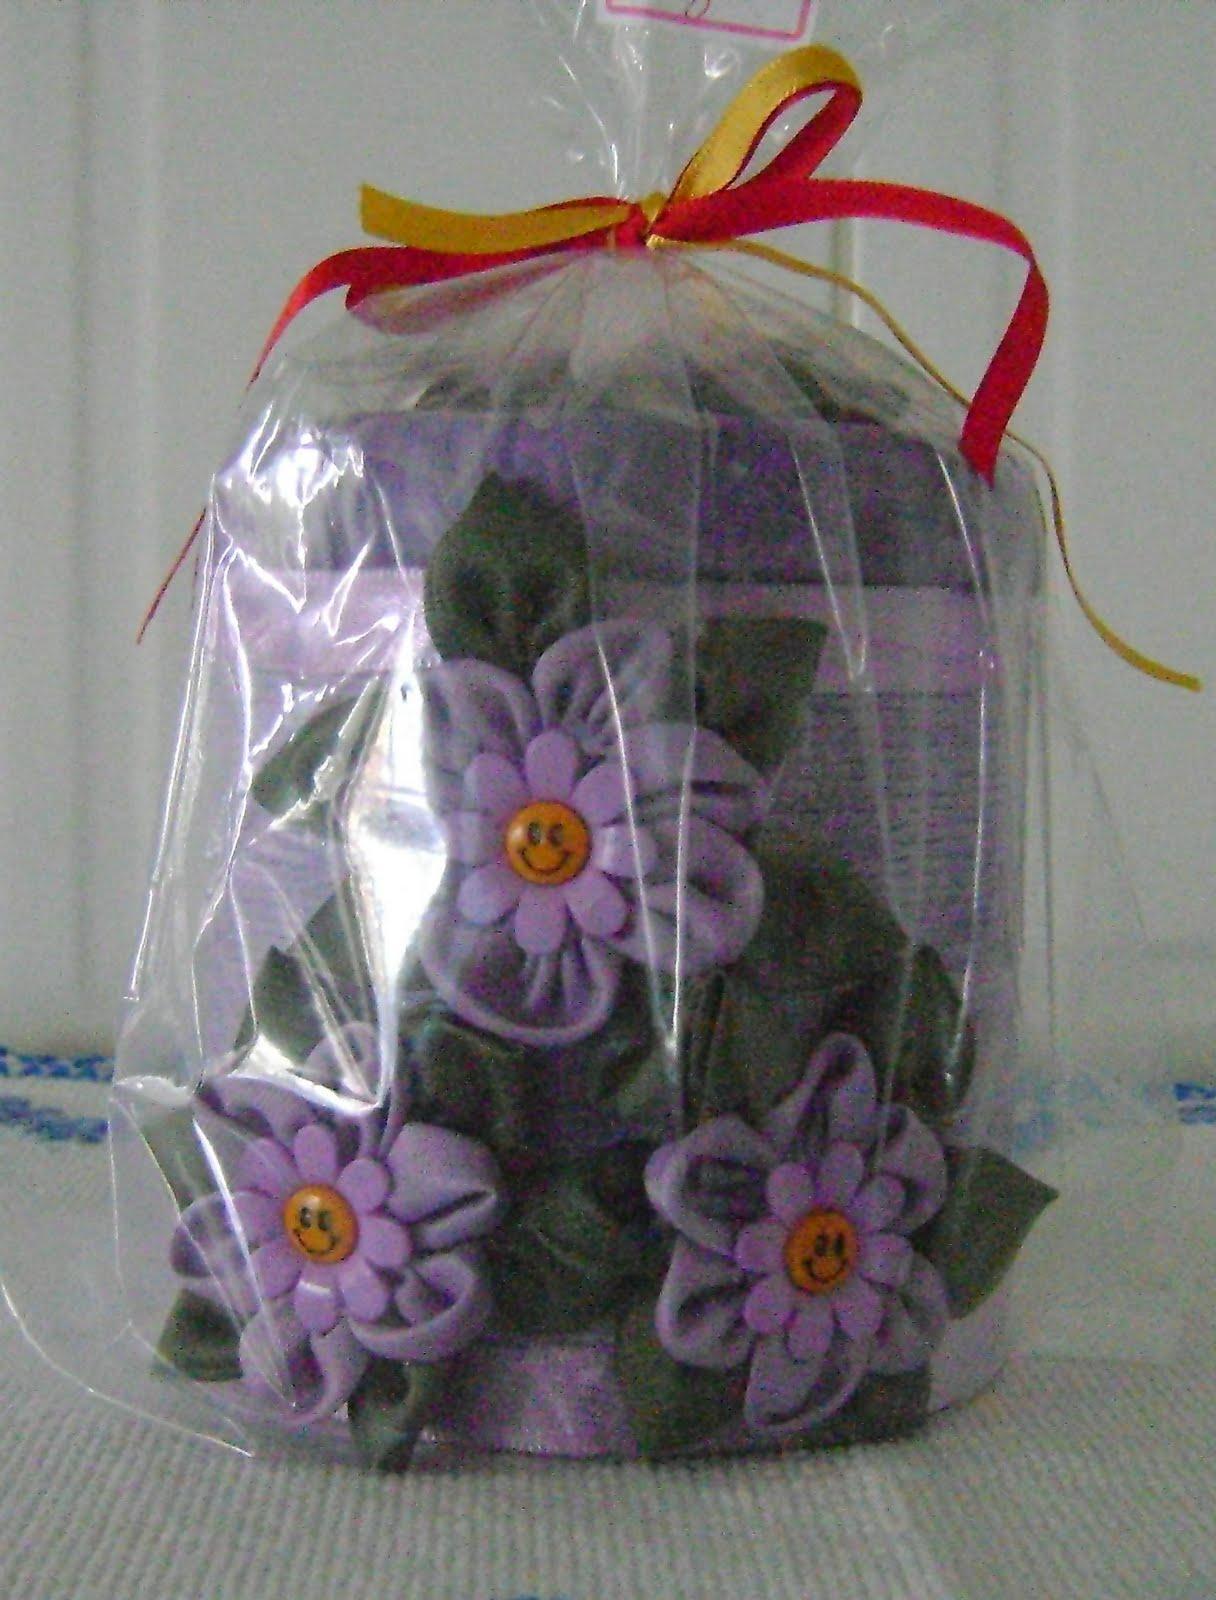 http://2.bp.blogspot.com/_UG3IfqLXa68/TBaWiqHfwlI/AAAAAAAAATU/UyuBAeT39pM/s1600/artesanatos+1+051.jpg